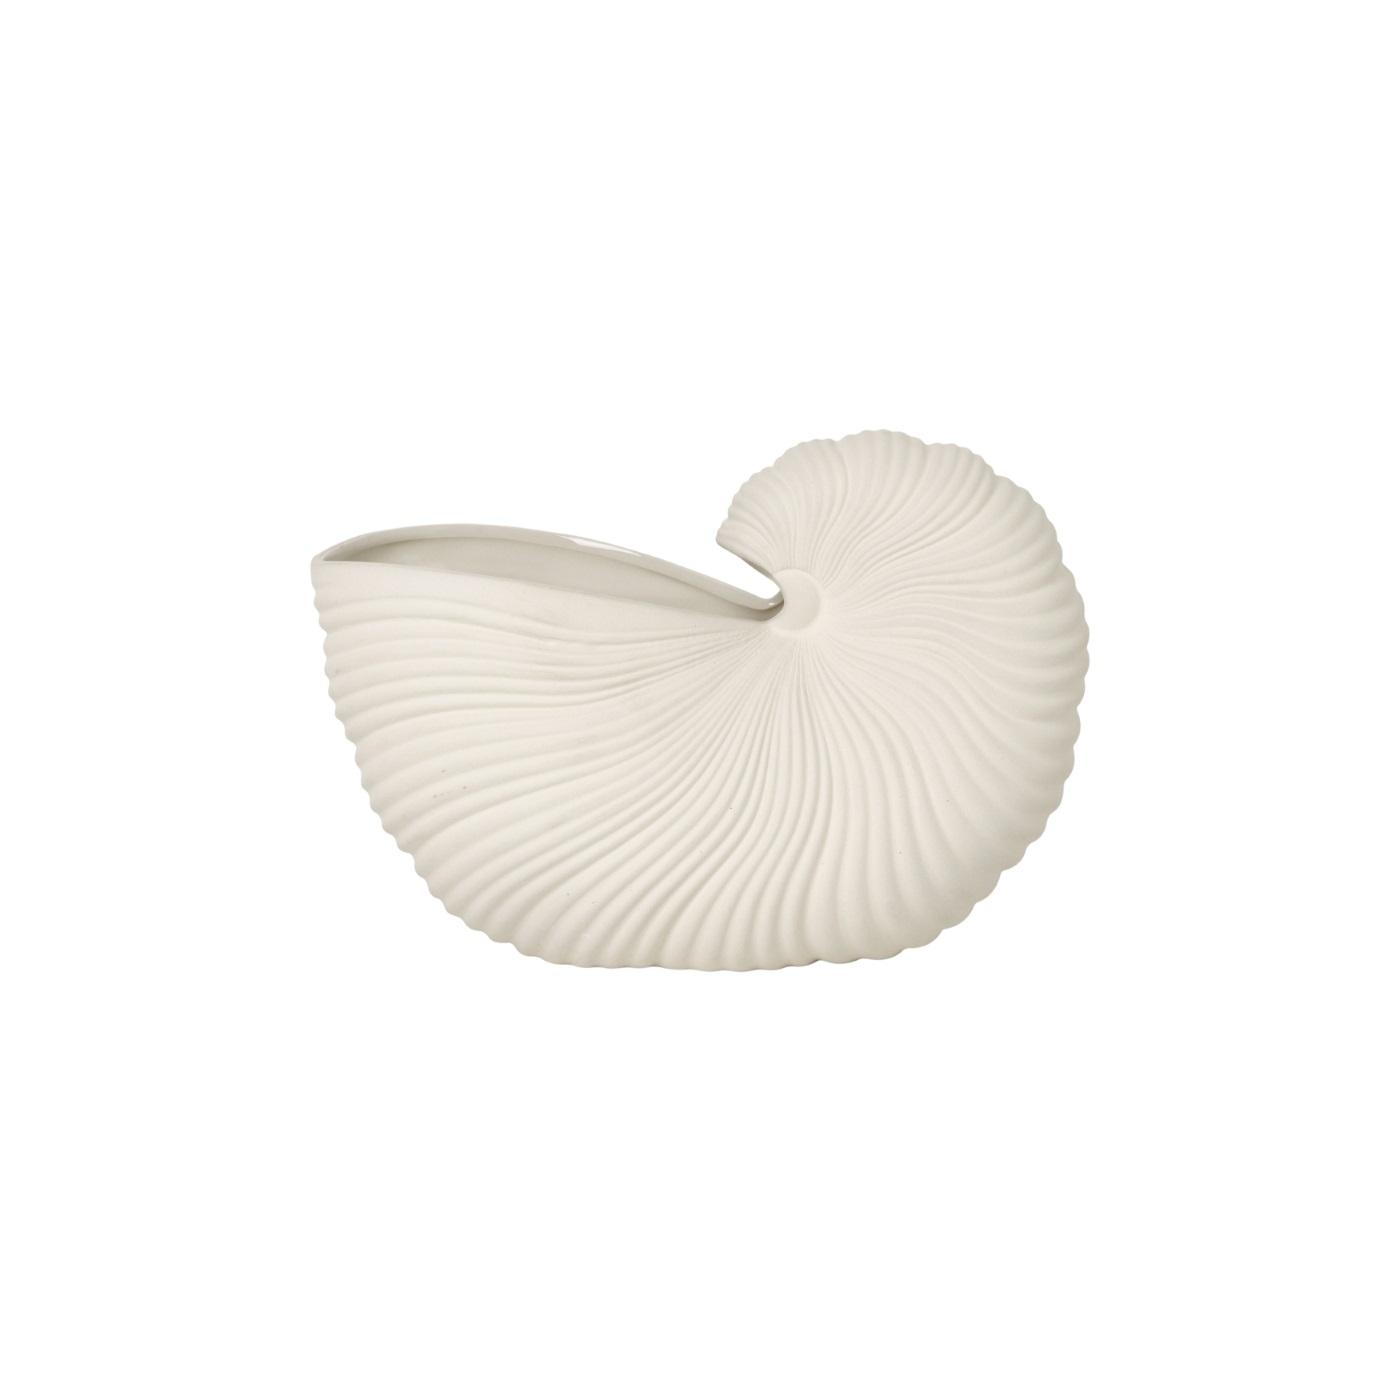 Shell Pot Vas Snäcka, Ferm Living